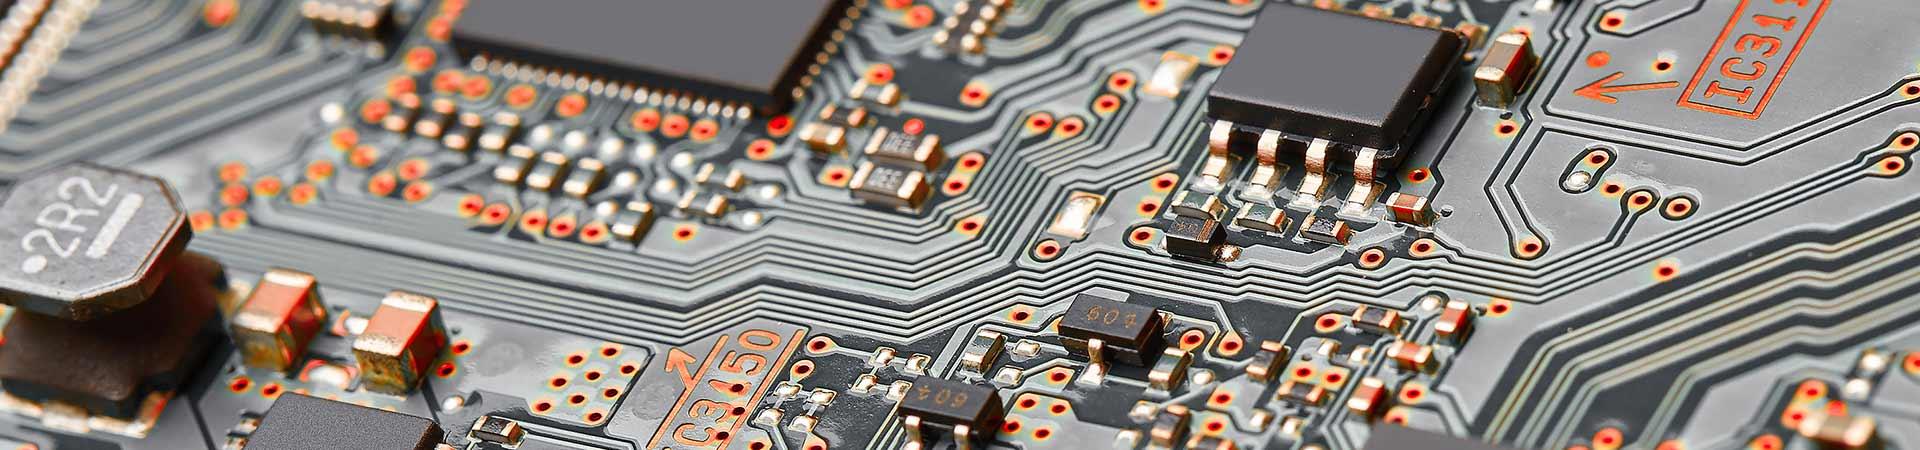 プリント基板設計データの活用 シミュレーションで信頼性を高める